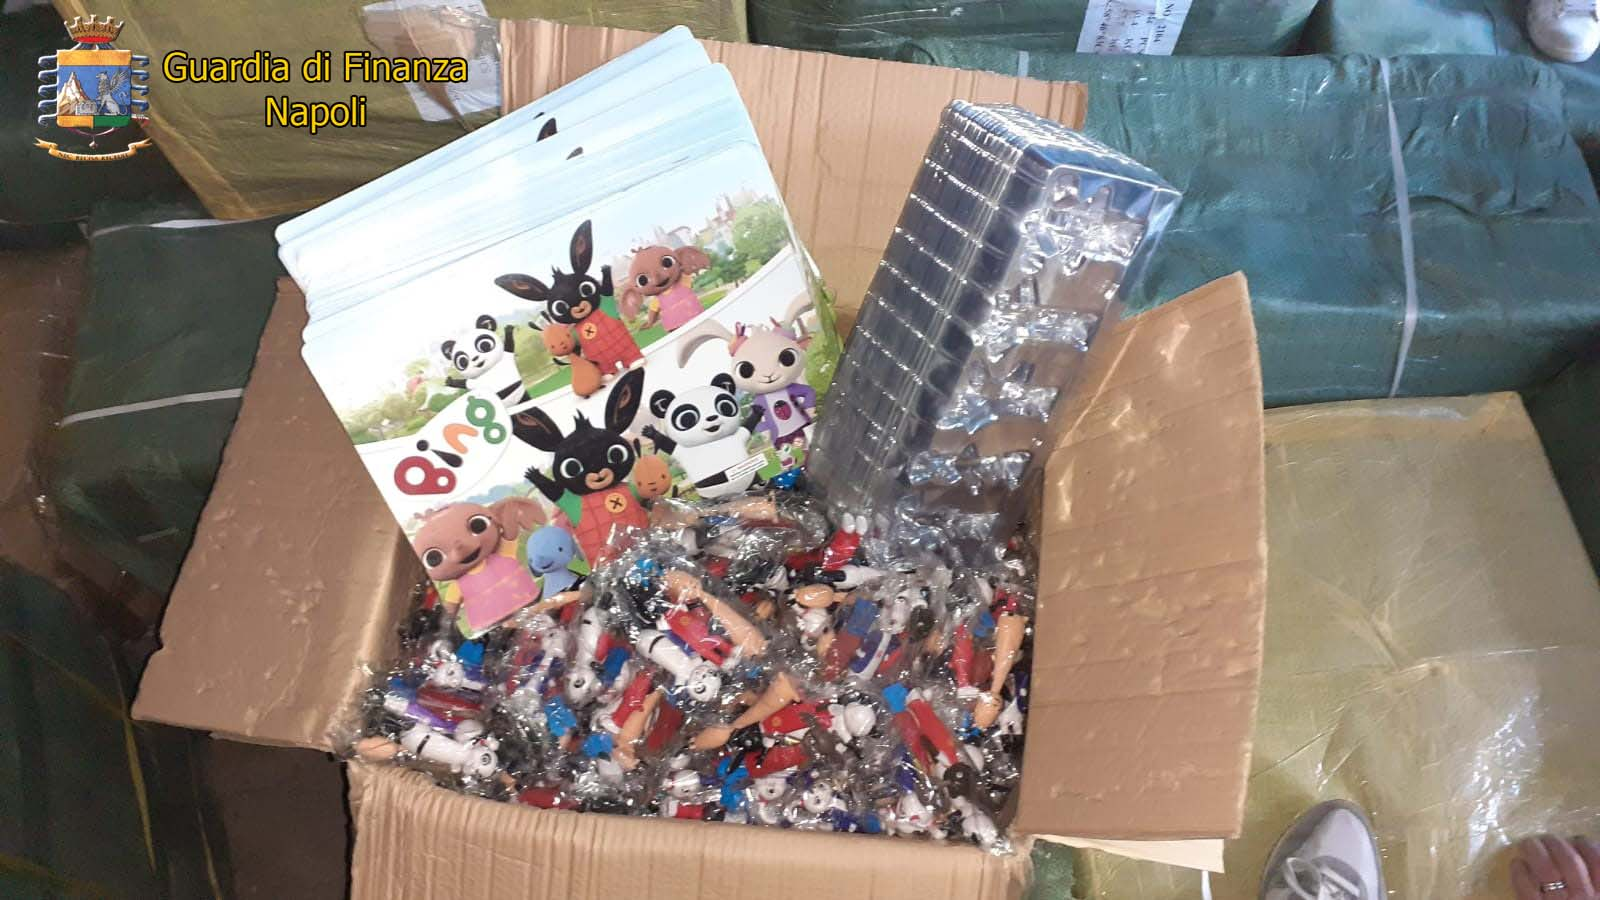 """Napoli, operazione """"Baschi Verdi"""": maxi sequestro di 430 mila tra orologi e giocattoli contraffatti"""